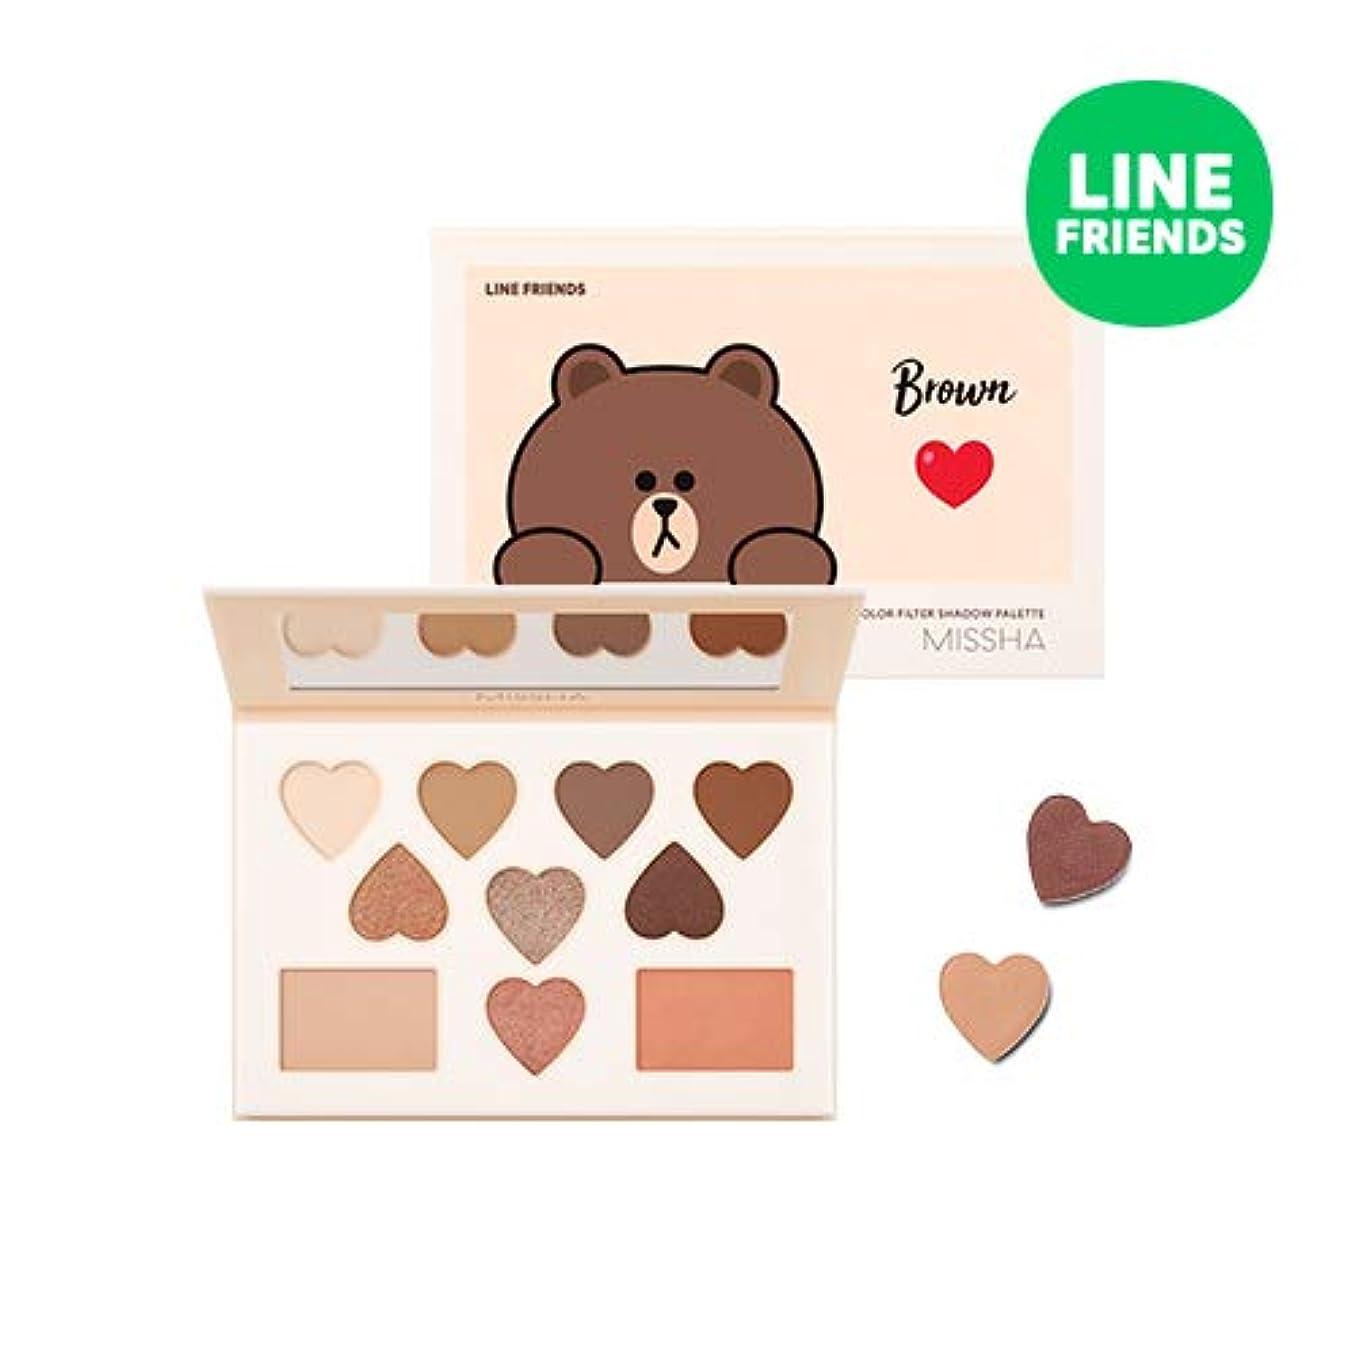 慈悲頬骨流行しているミシャ[ラインフレンズエディション] カラー フィルター シャドウ パレット MISSHA [Line Friends Edition] Color Filter Shadow Palette #5. Brown [並行輸入品]